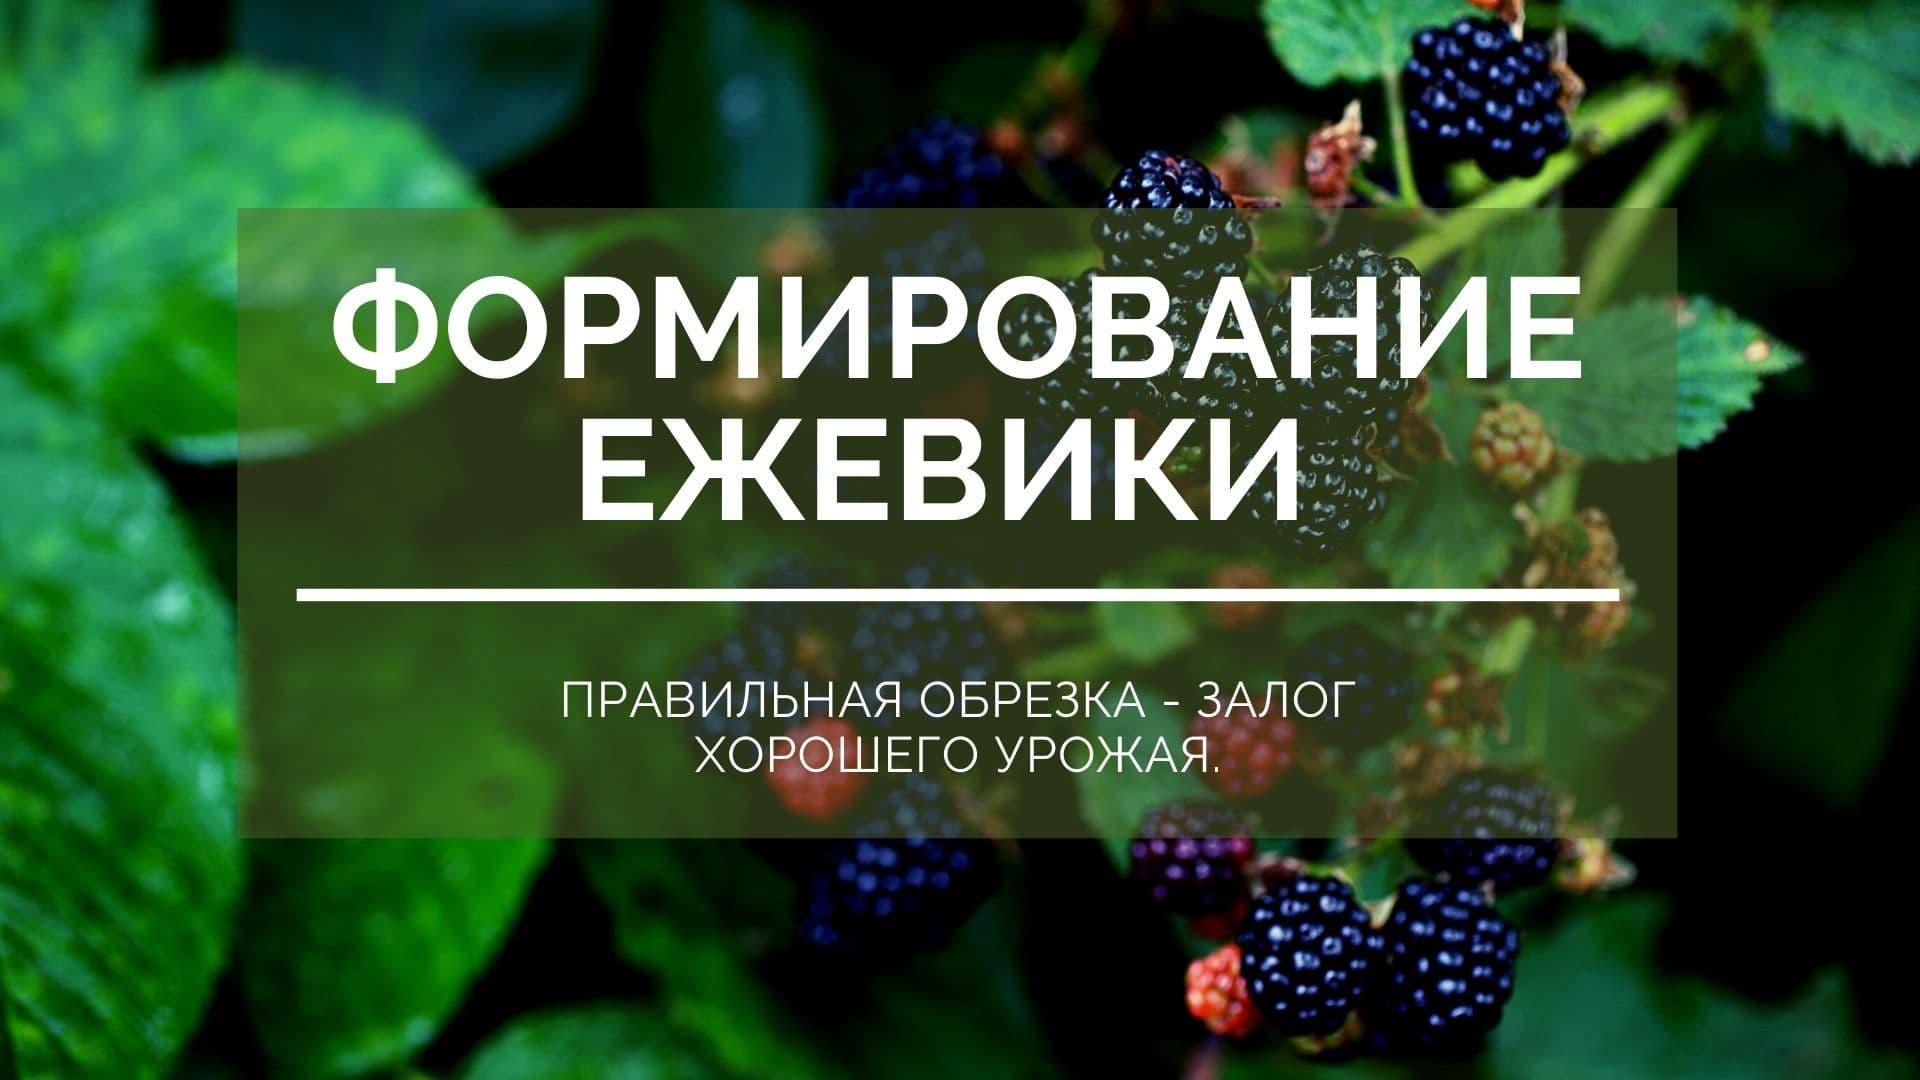 Формировка ежевики: правильная обрезка - залог хорошего урожая.